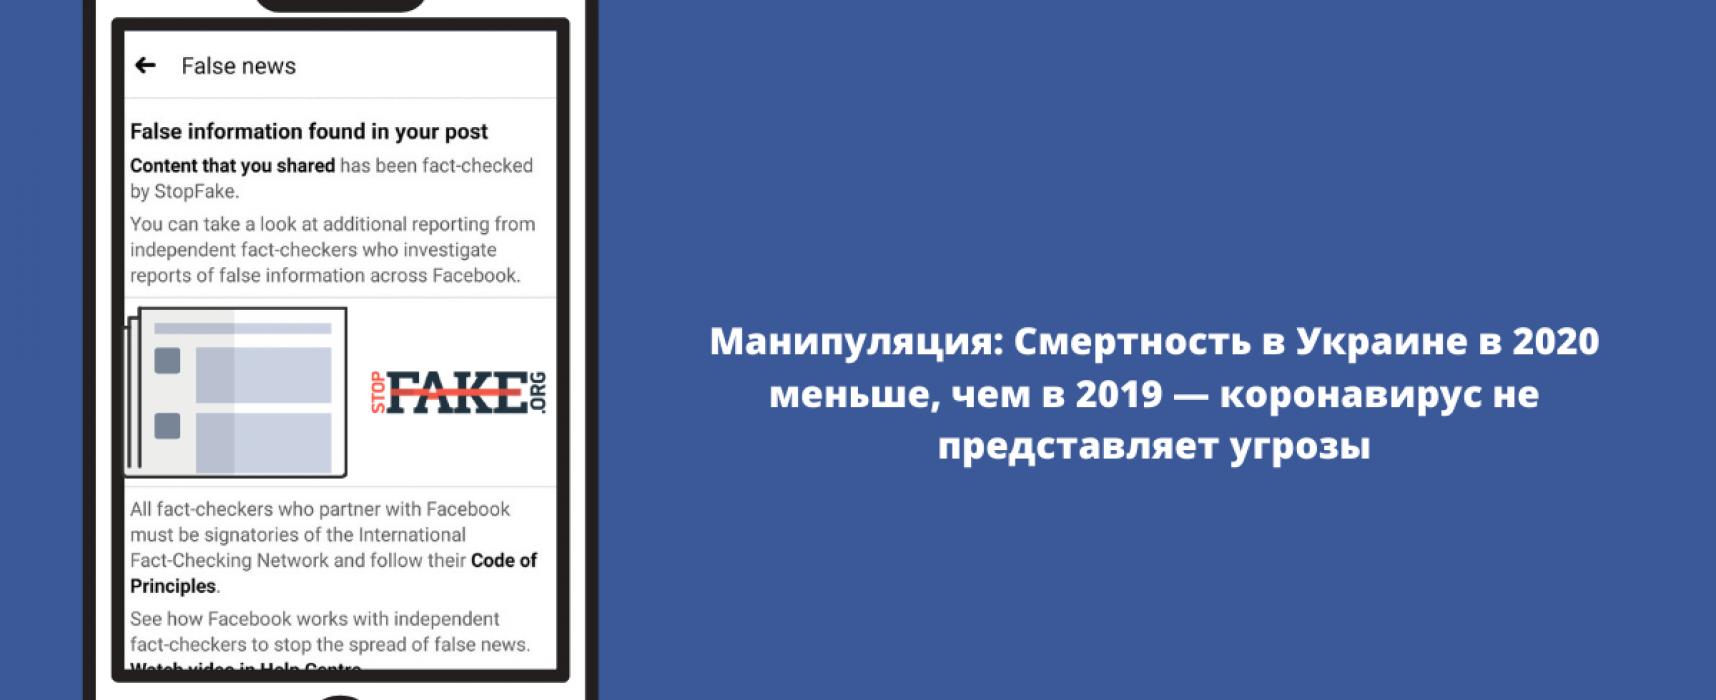 Маніпуляція: Смертність в Україні в 2020 році менша, ніж у 2019-му, – коронавірус не становить загрози